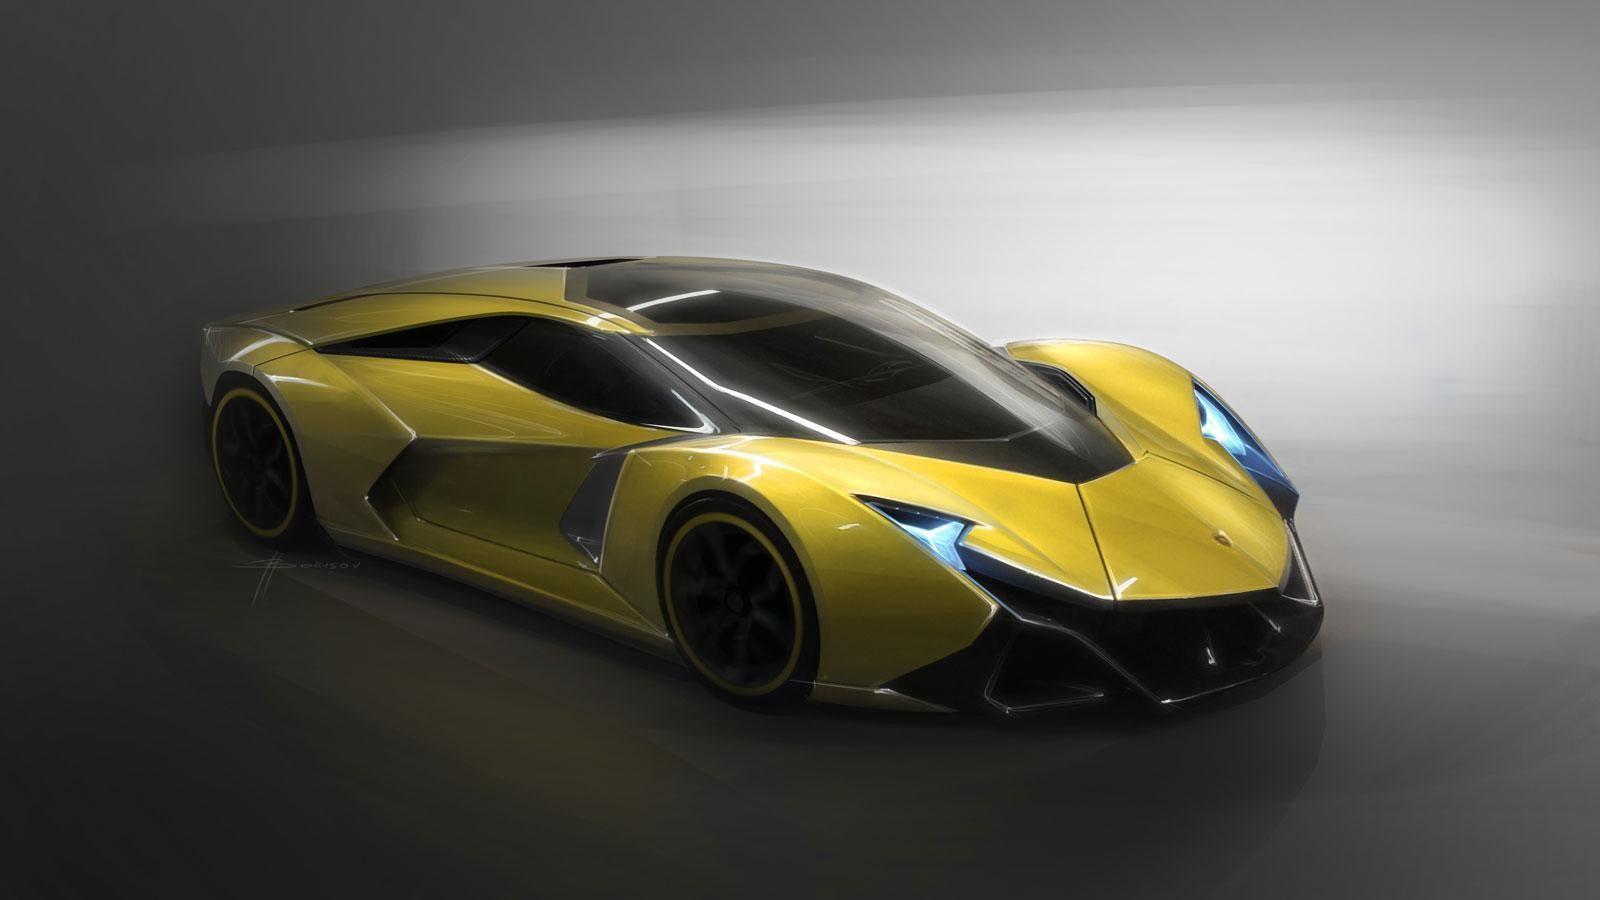 这款encierro概念车采用了创新的设计,目前是为了更好的诠释兰博基尼图片